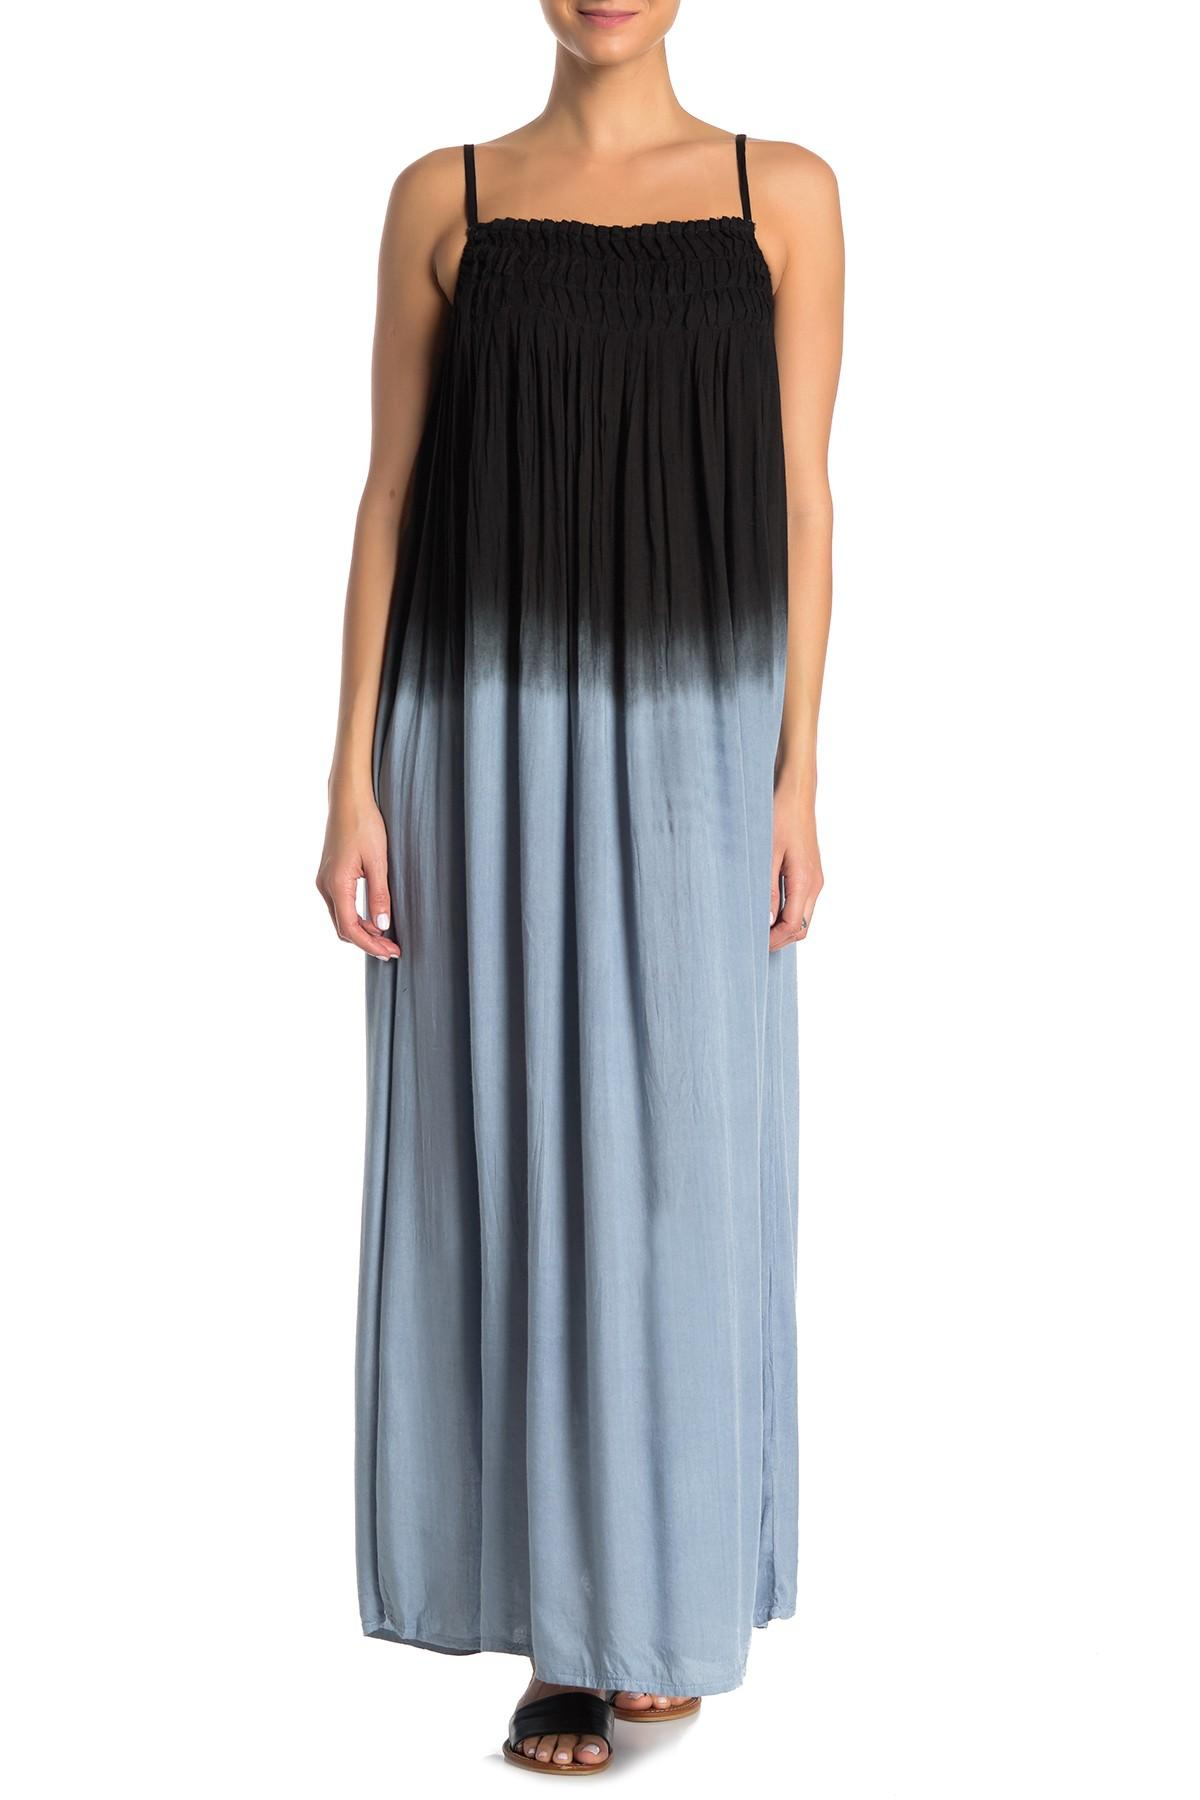 3135b10ee41 Lyst - Boho Me Tie-dye Ombre Maxi Dress in Black